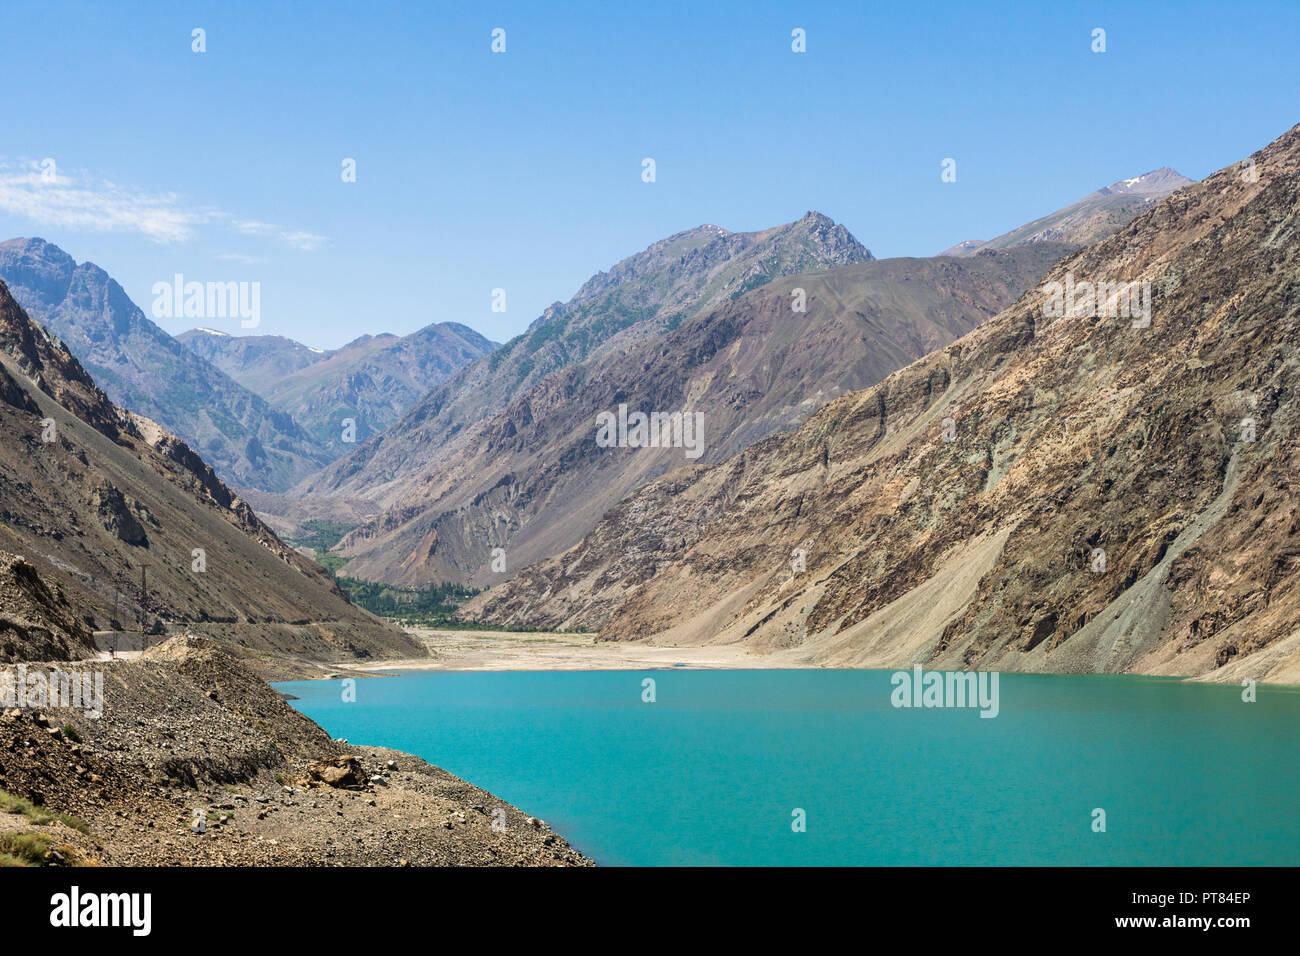 Sadpara lake, Skardu, Gilgit-Baltistan, Pakistan - Stock Image